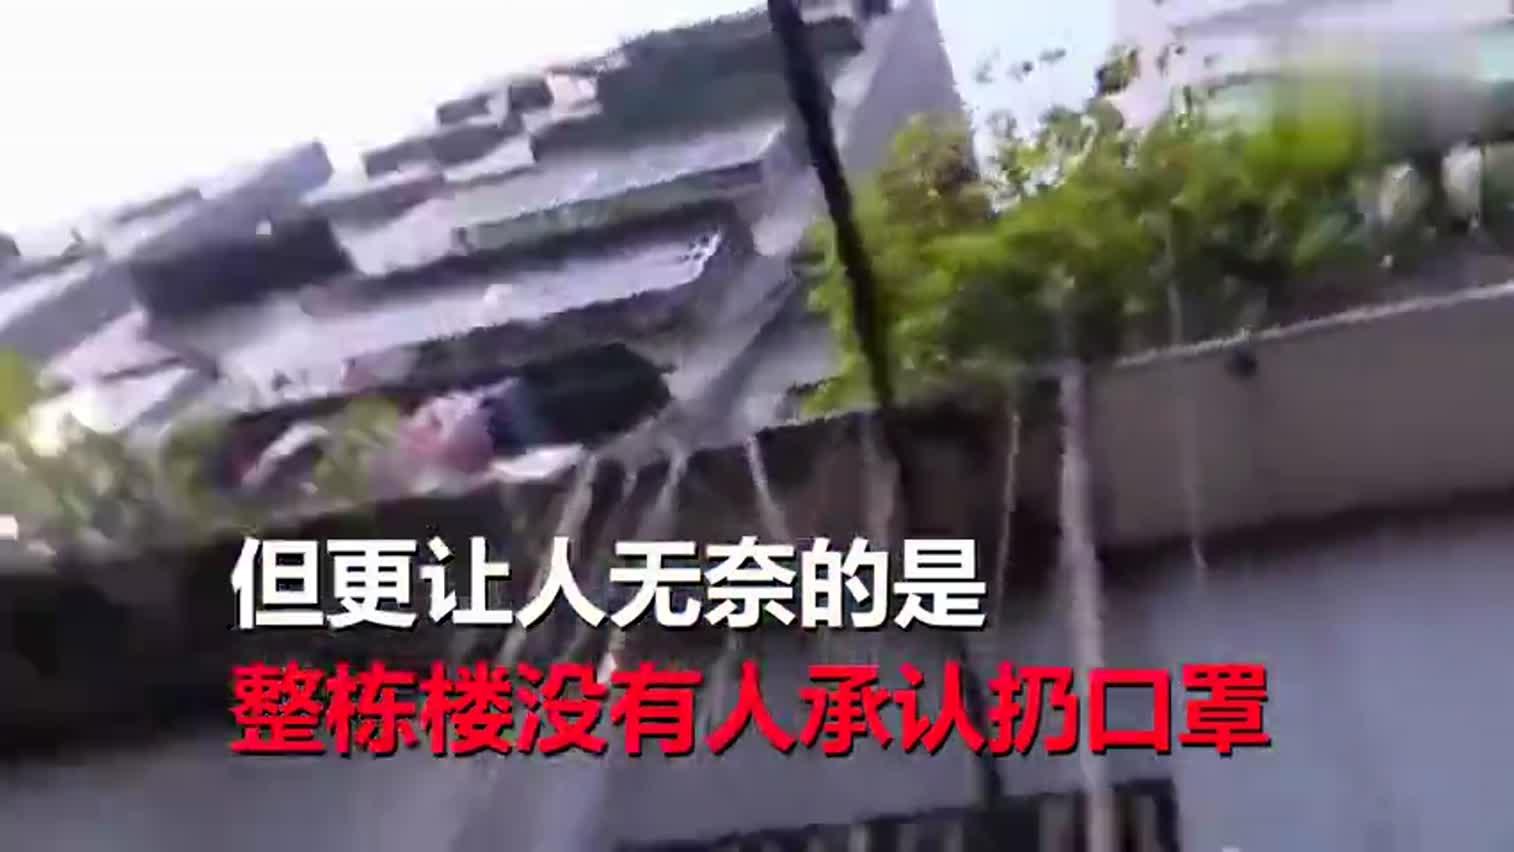 视频-十几个废弃口罩高空抛物丢下楼 居民:无知还